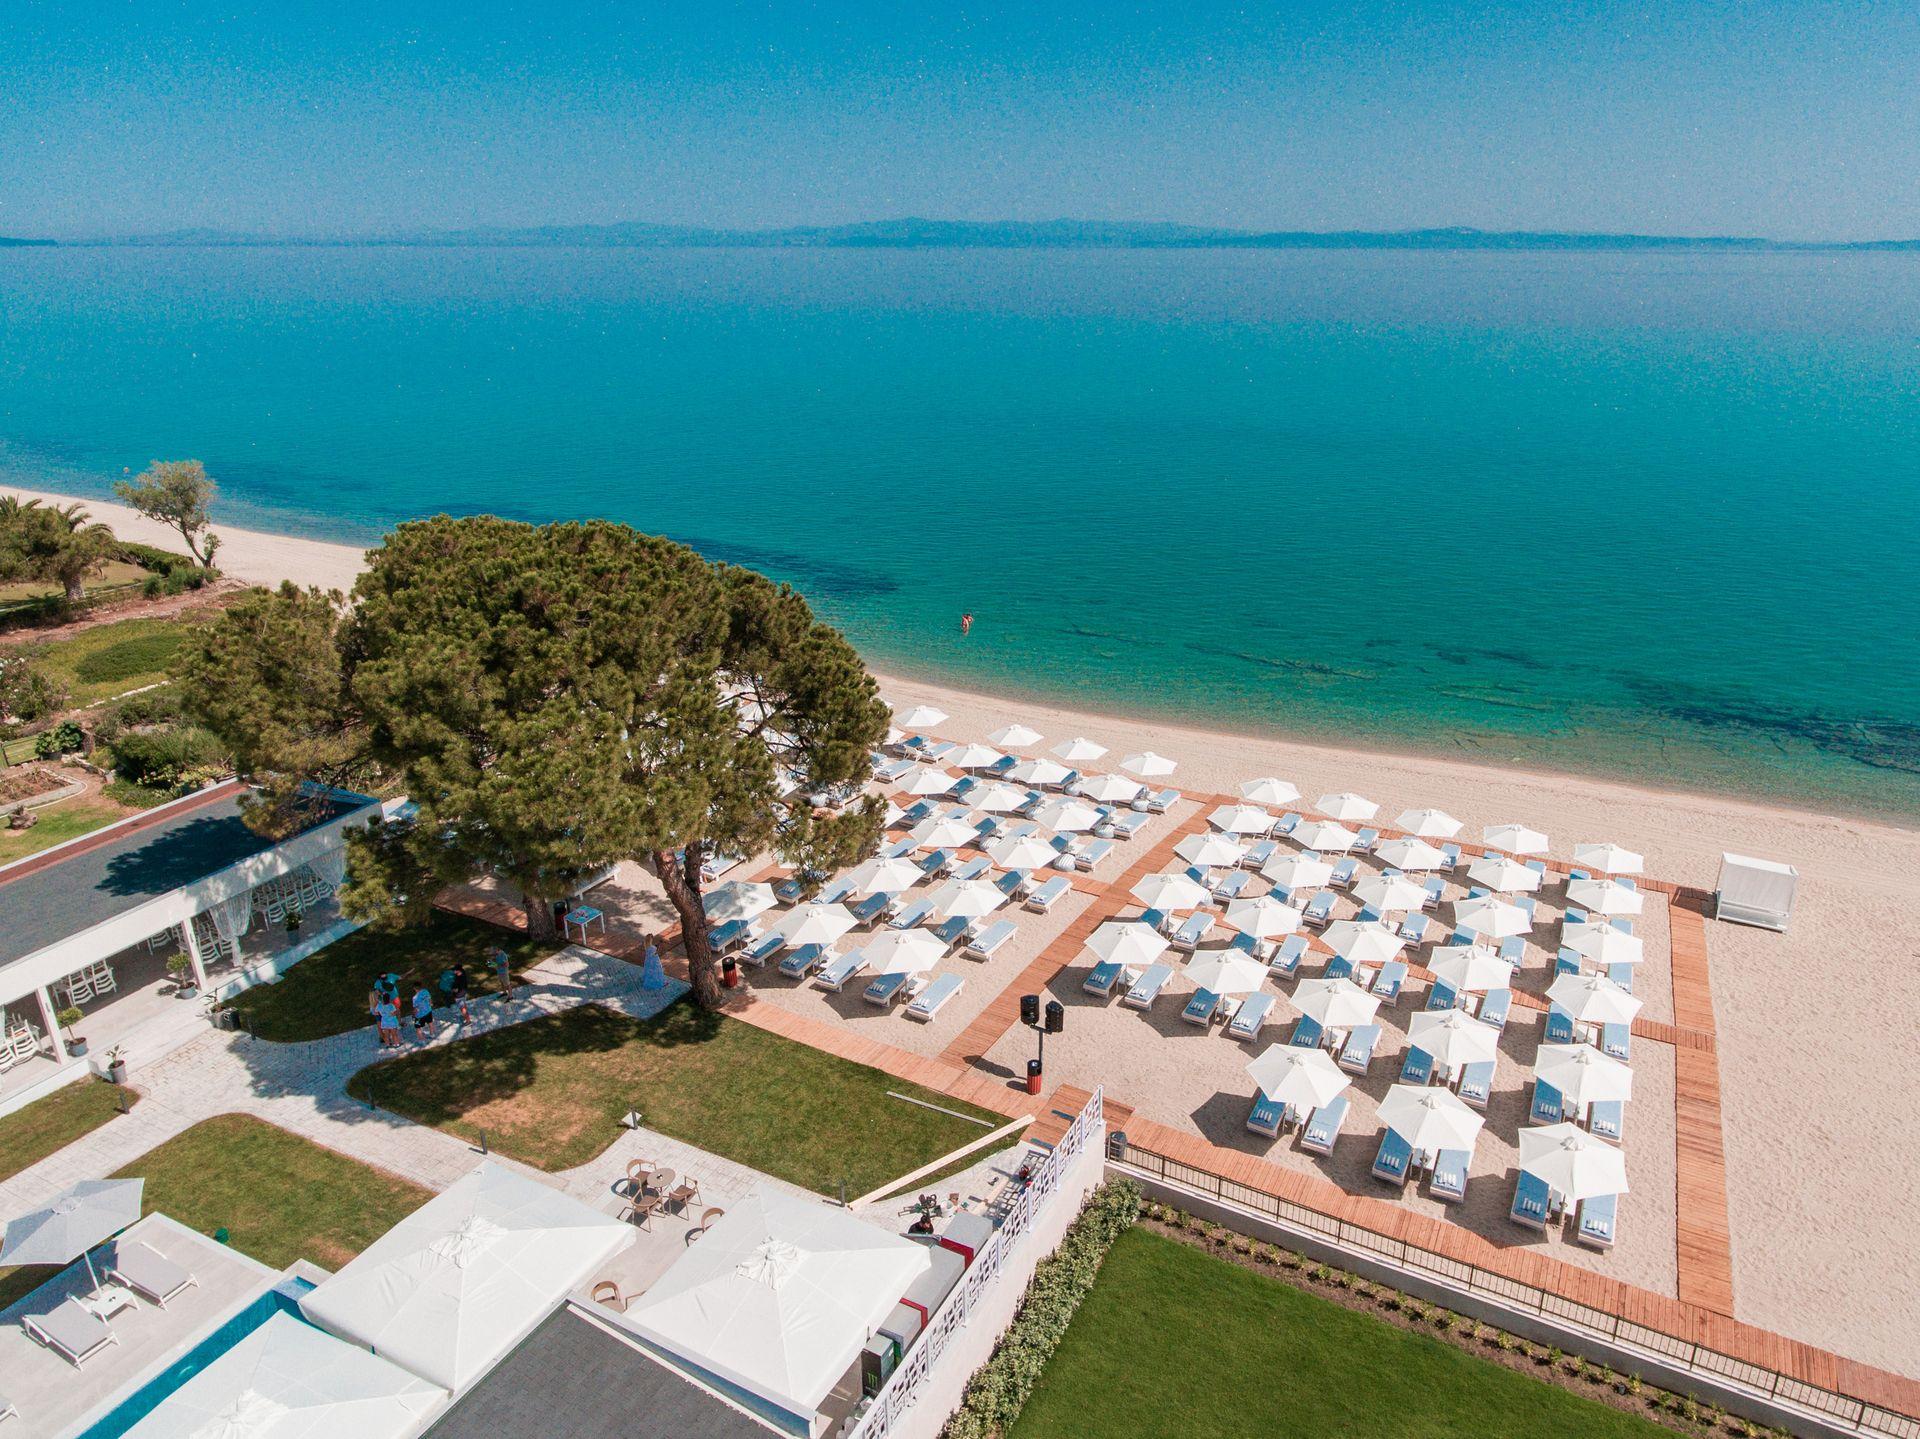 Laguna Resort - Χανιώτη, Χαλκιδική ✦ 4 Ημέρες (3 Διανυκτερεύσεις)